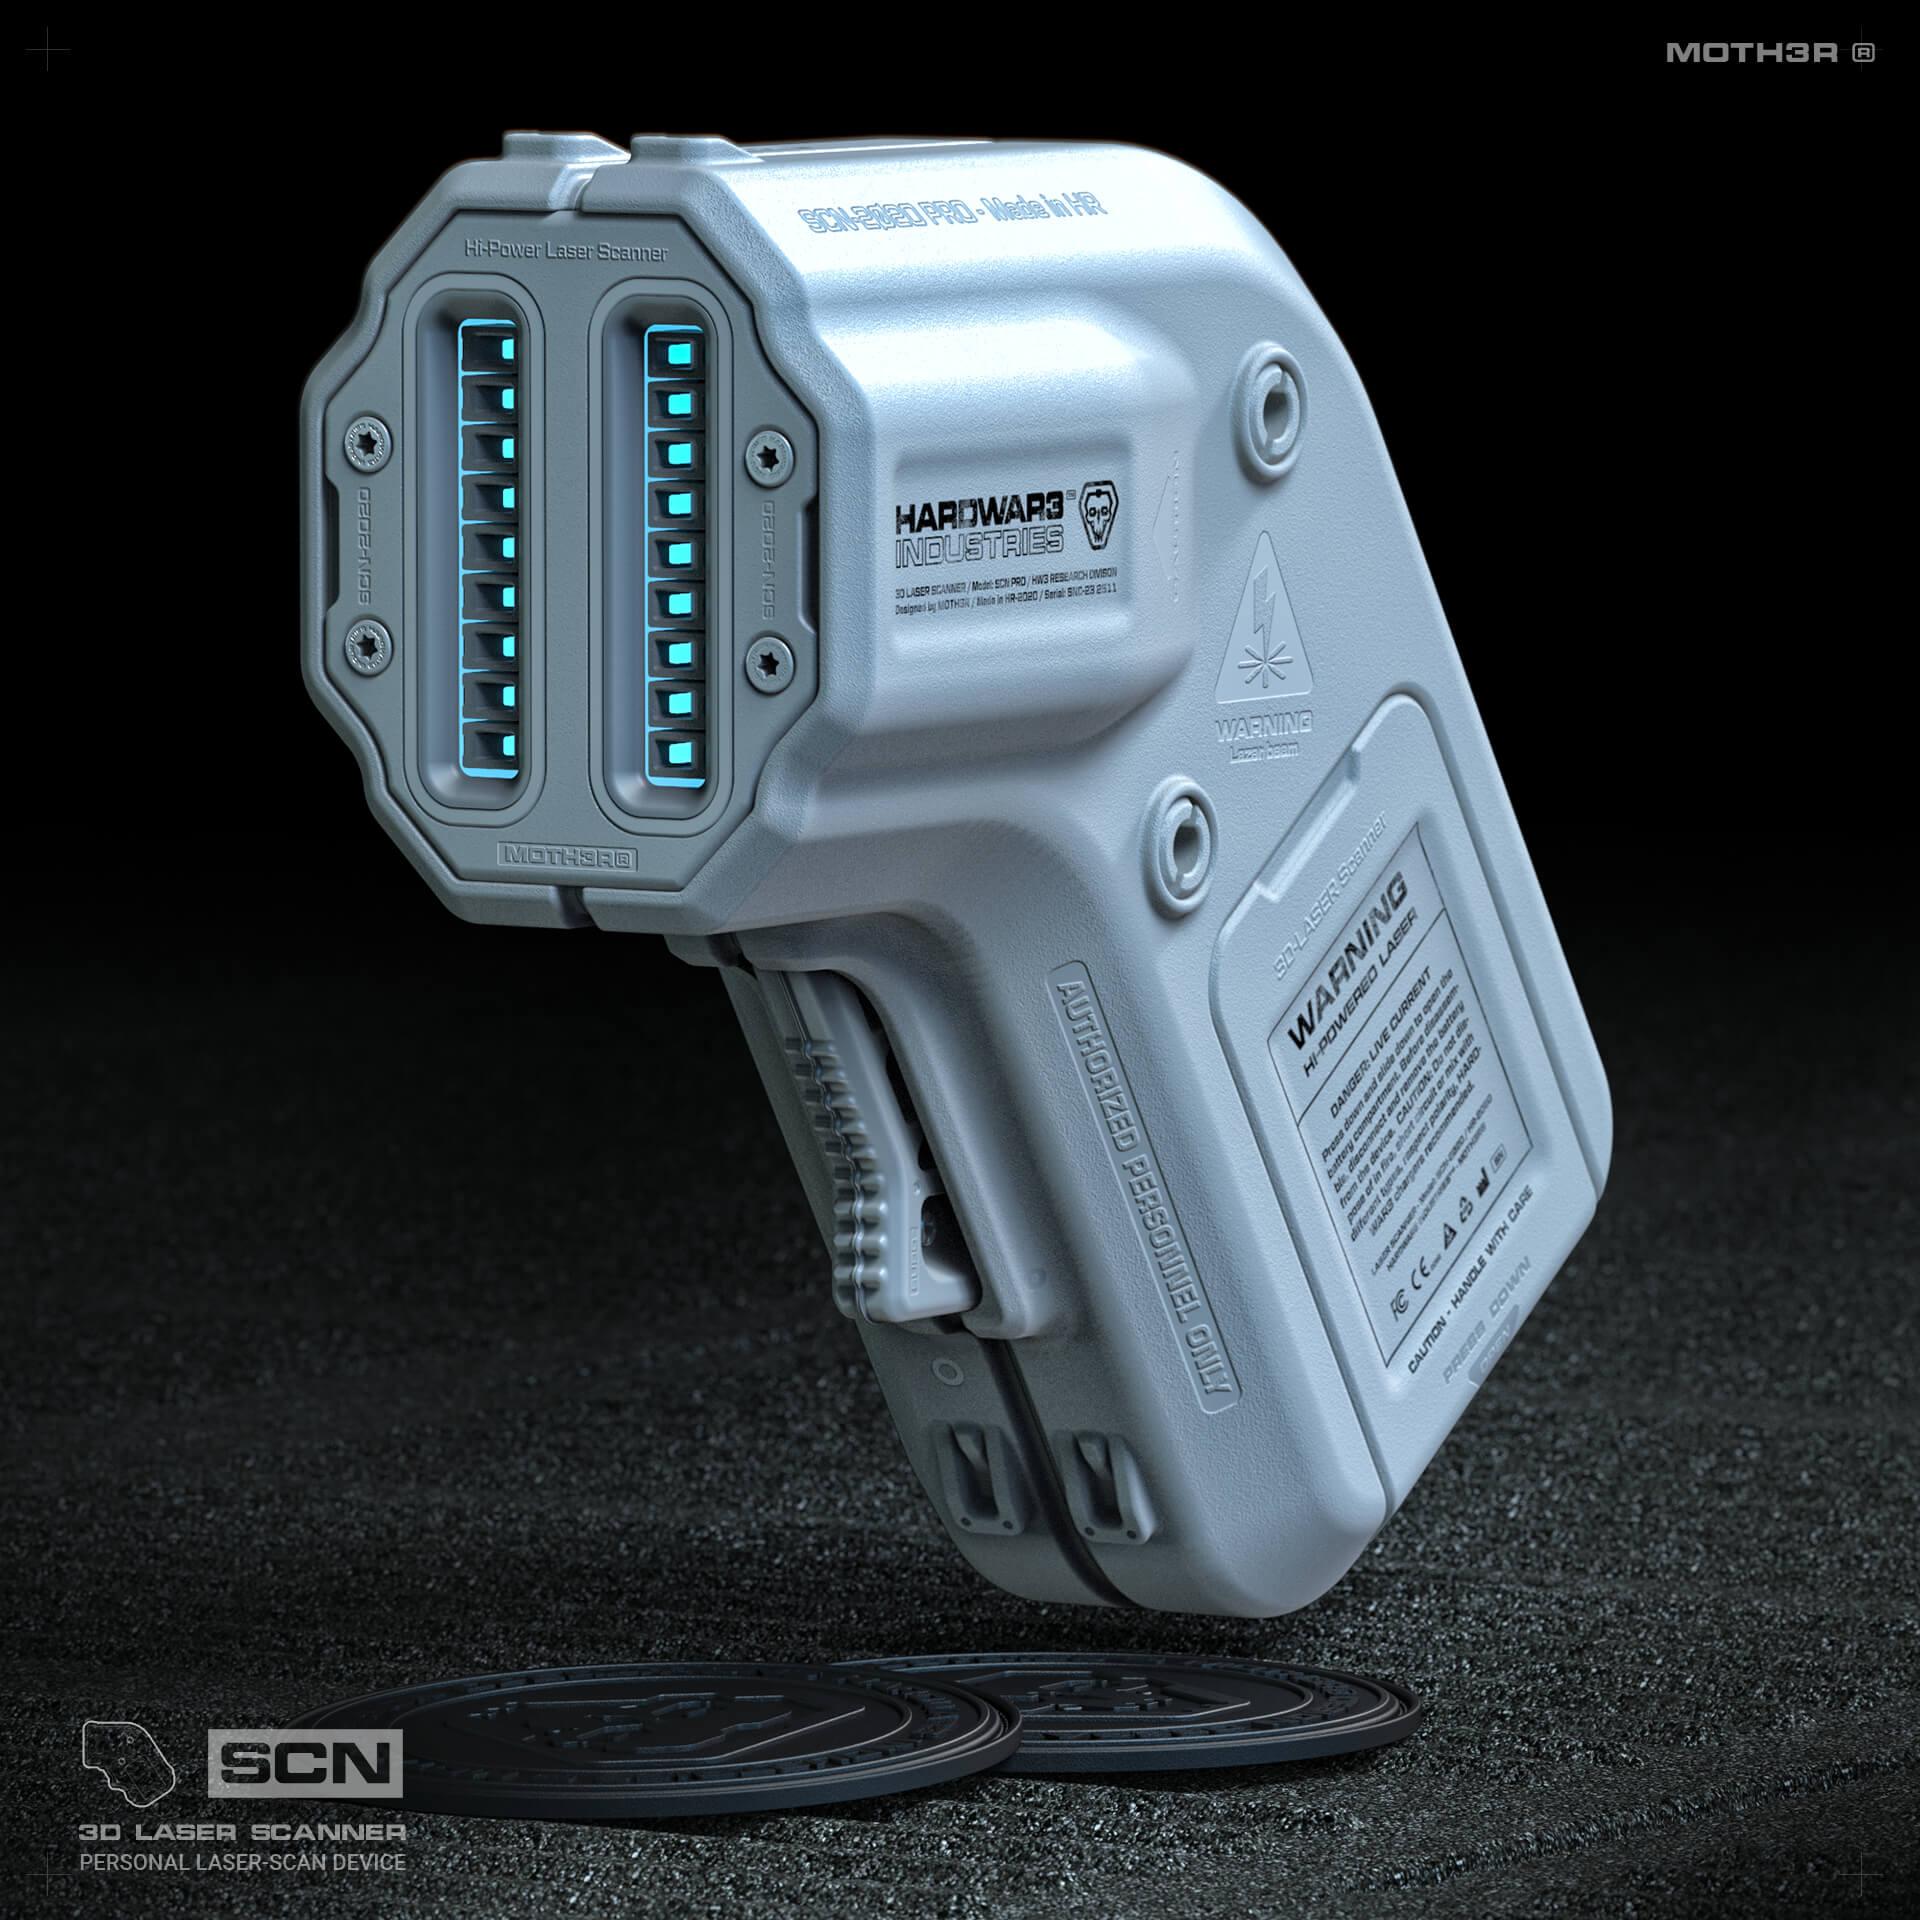 Scanner-001.96